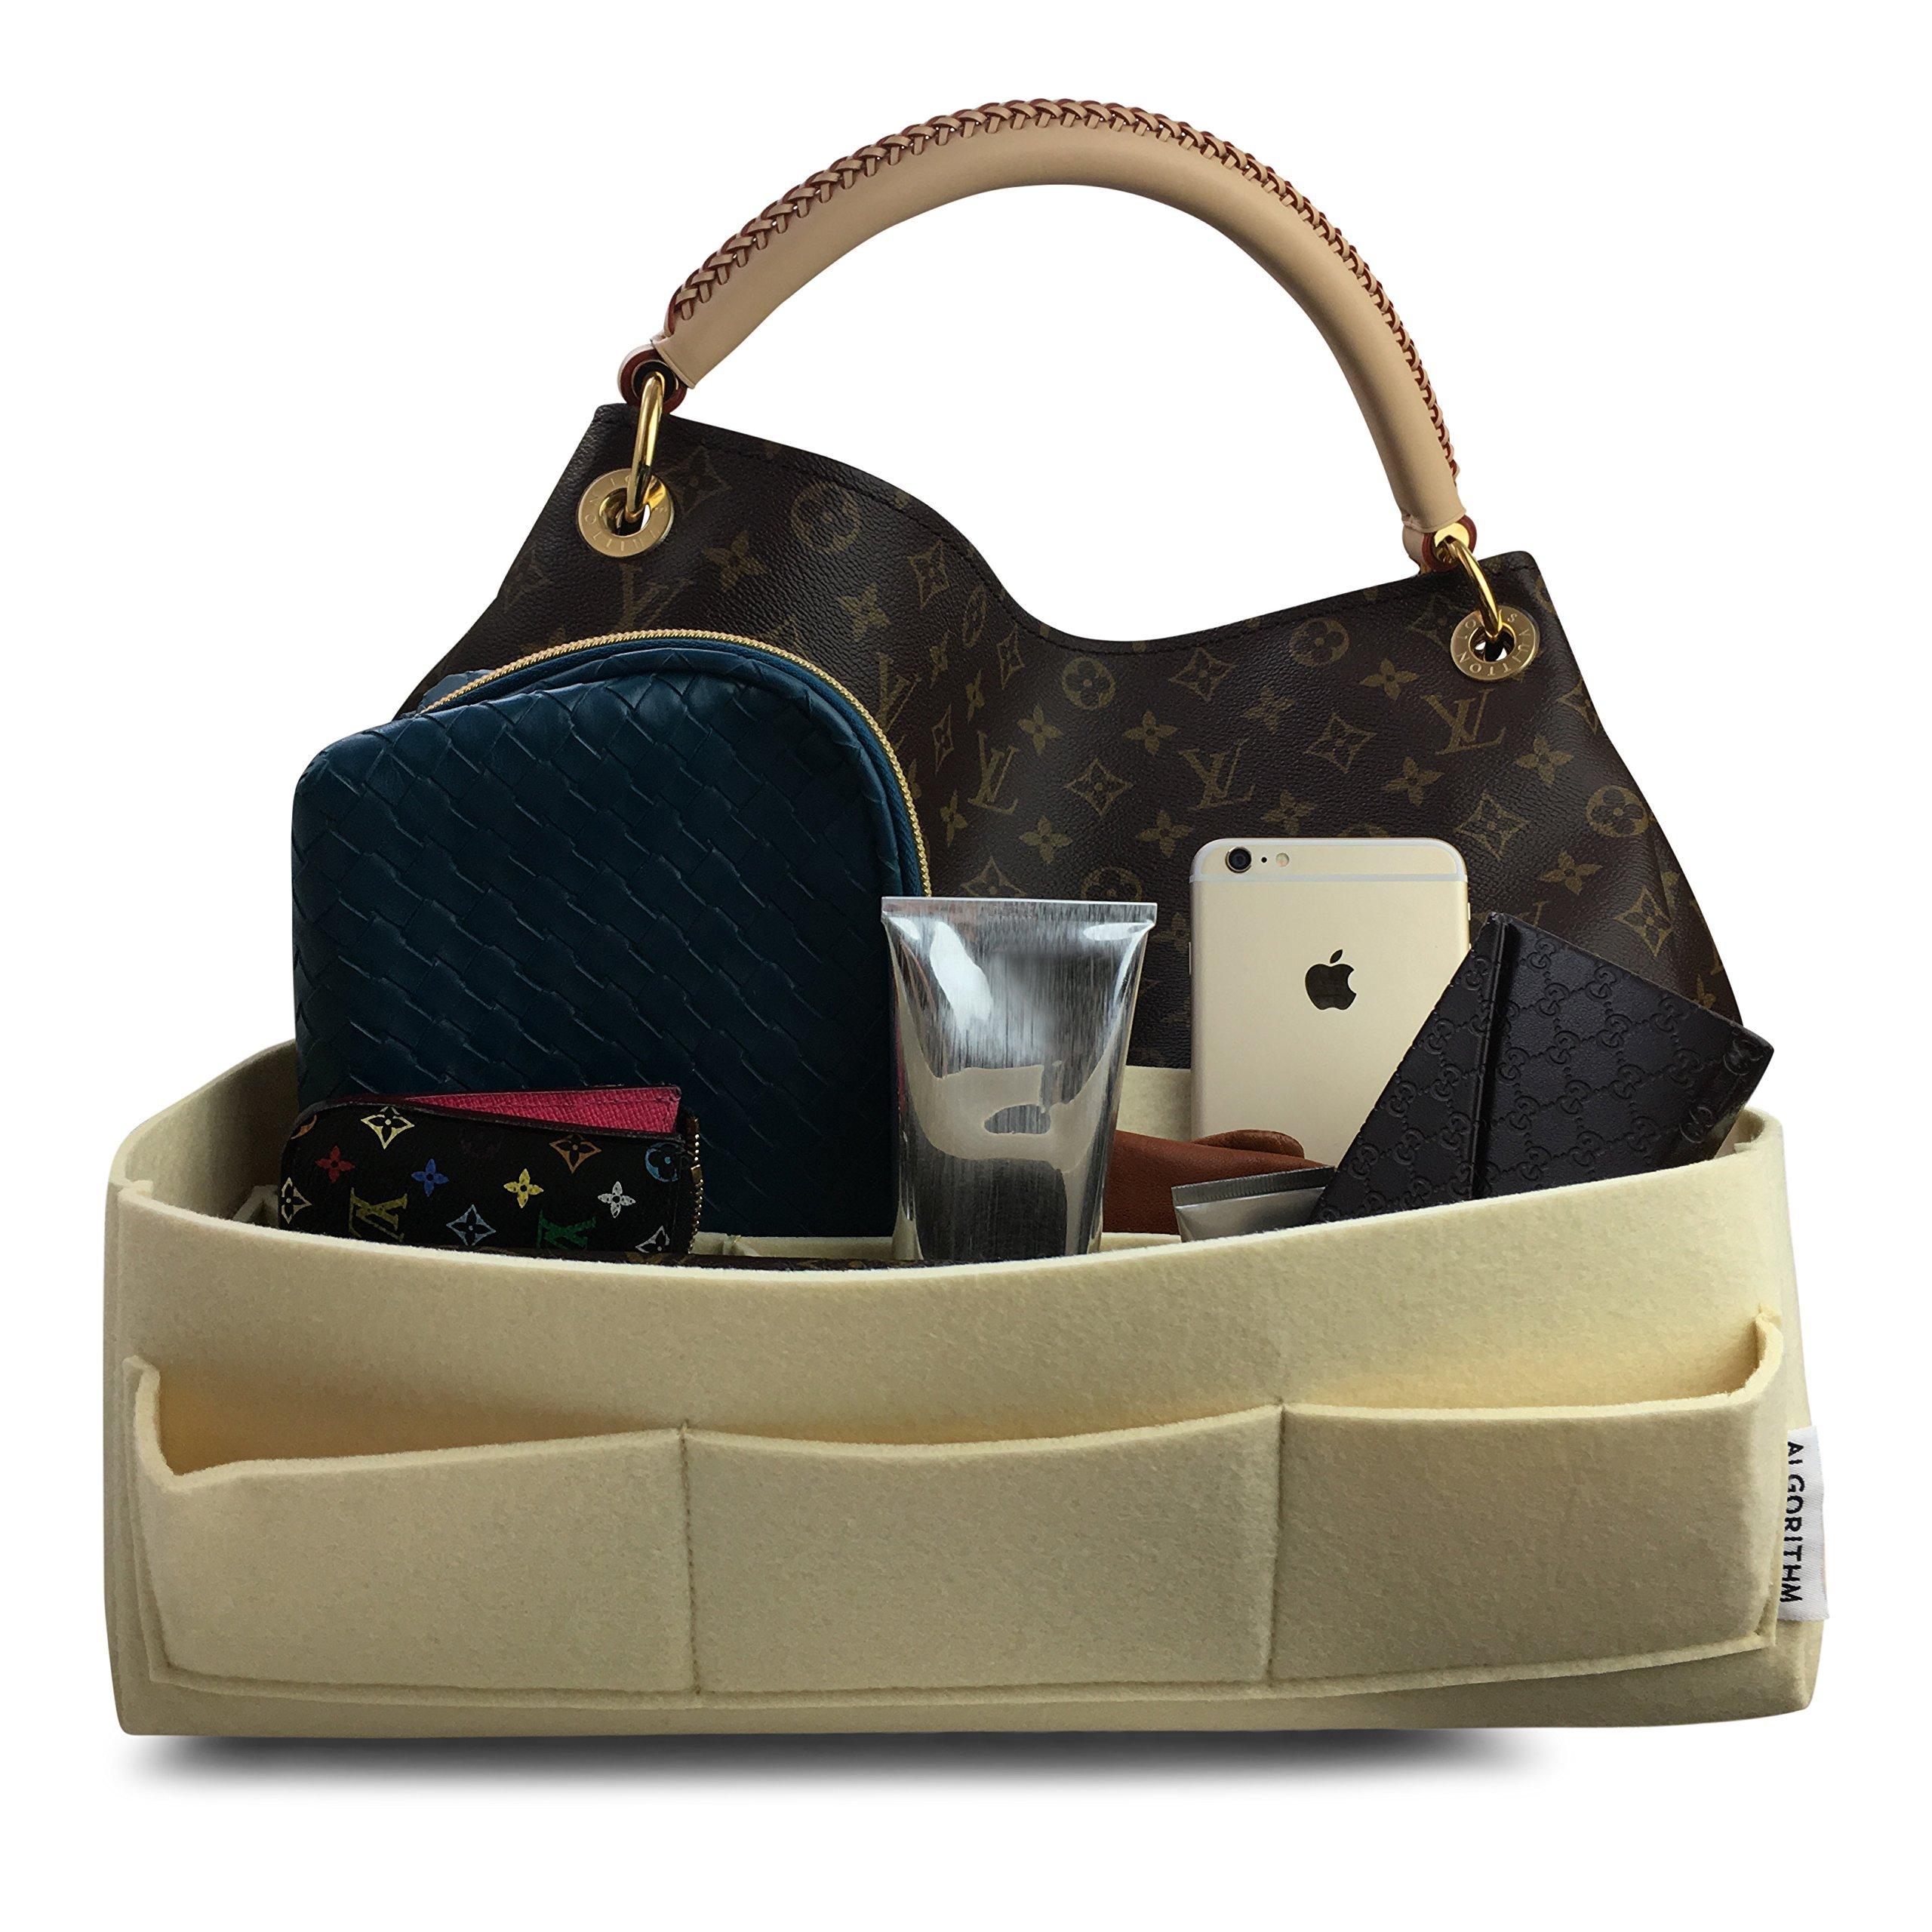 Artsy MM Organizer LV Purse Insert - by AlgorithmBags for Handbag, Beige, 11 Pockets, 2.5mm Felt